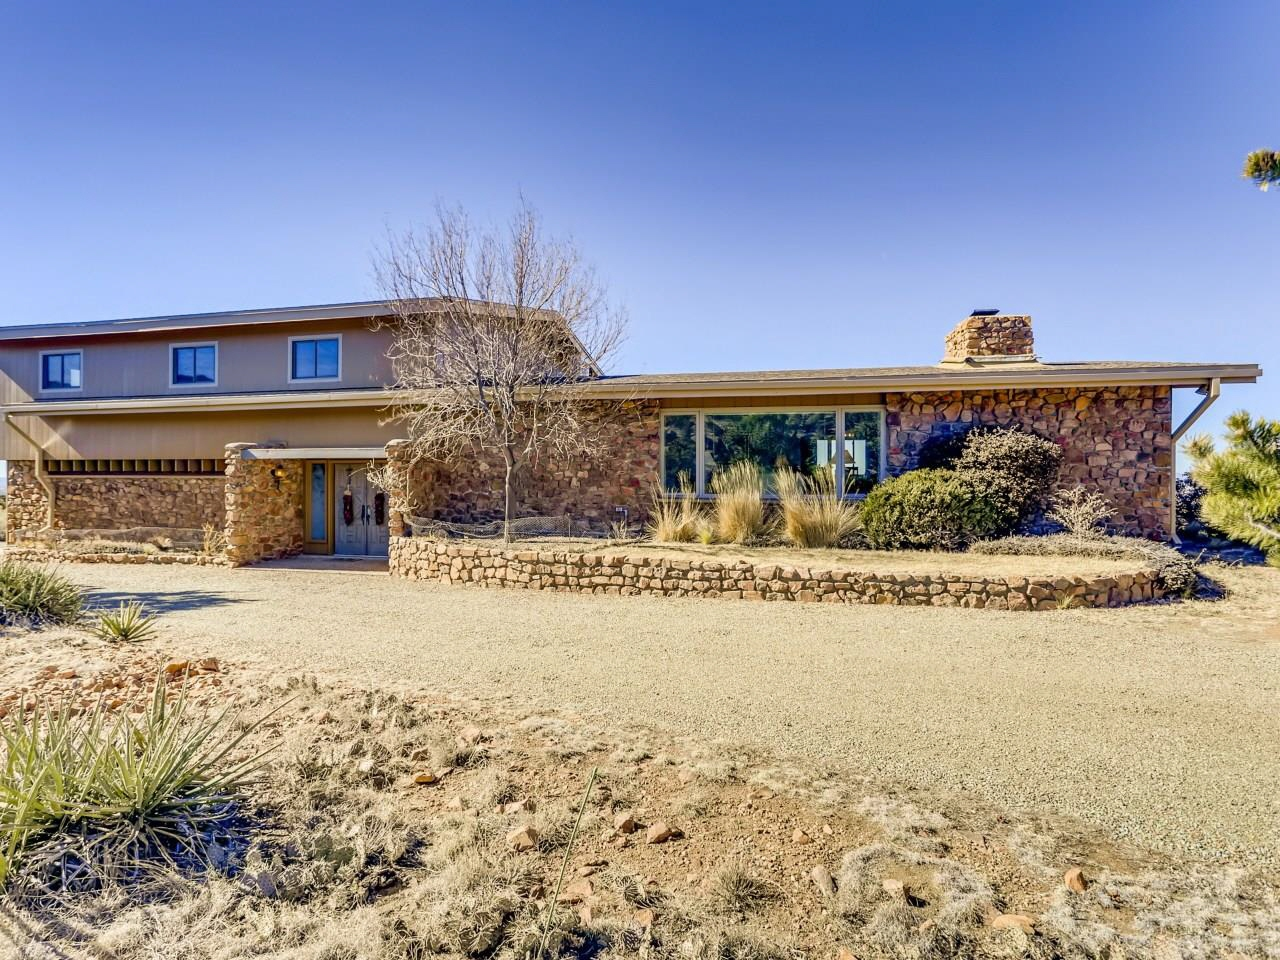 83 Camino Pacifico, Santa Fe, NM, 87508 Canada